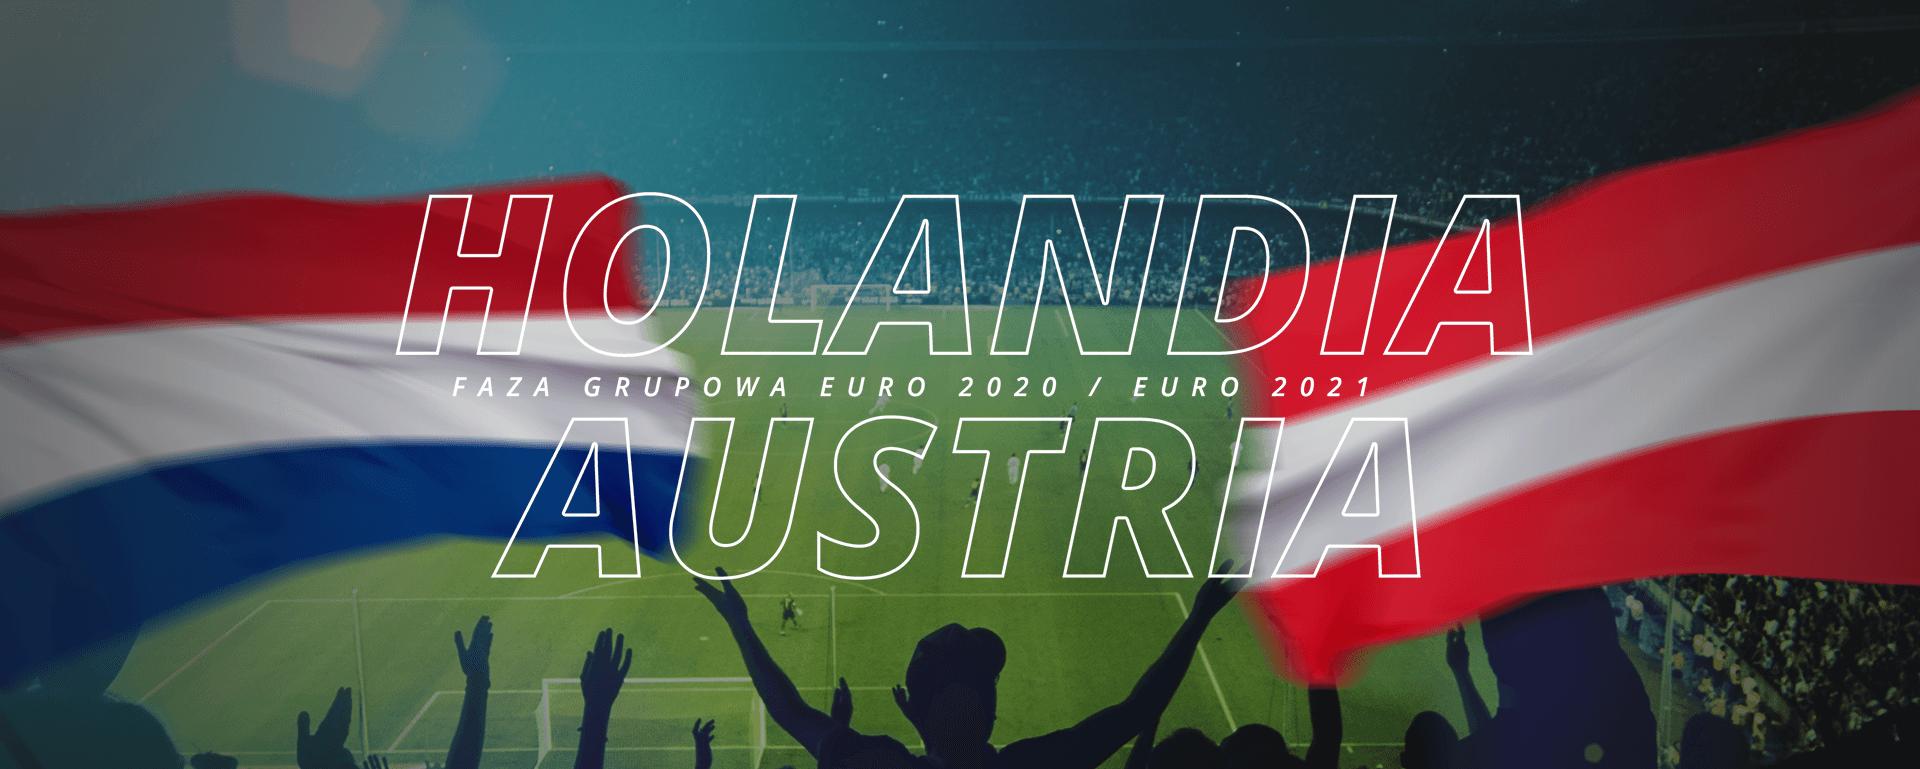 Holandia – Austria | faza grupowa Euro 2020 / Euro 2021